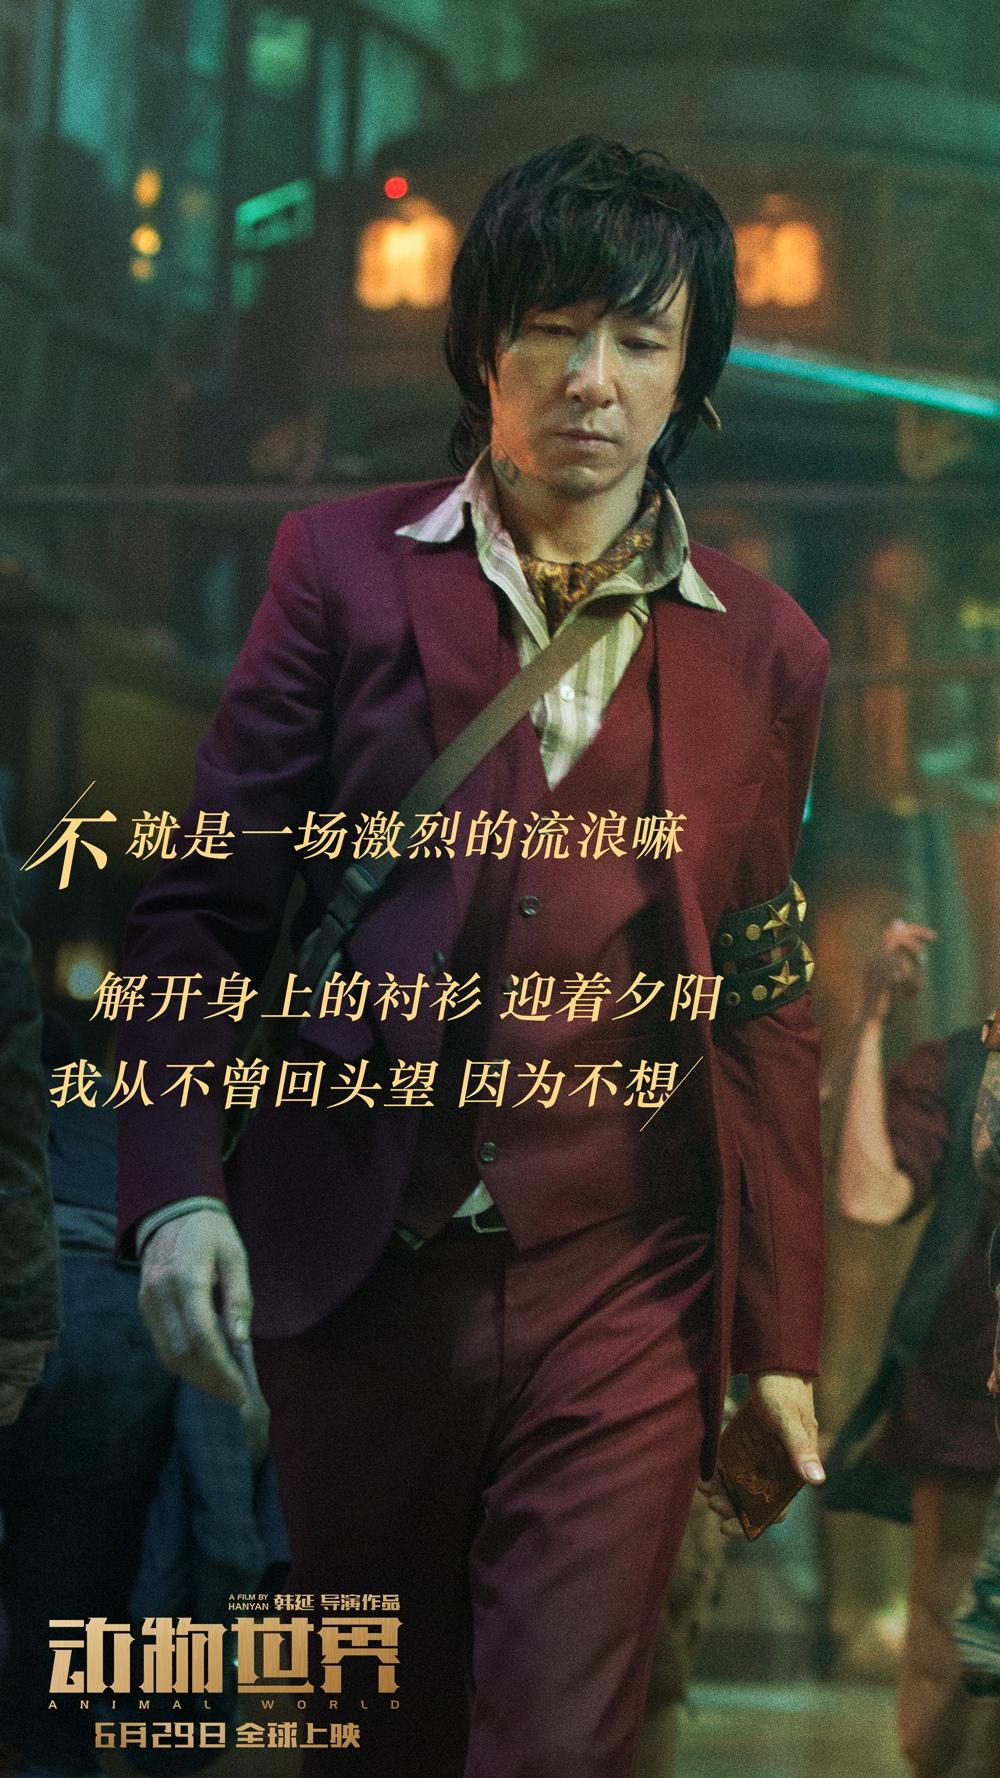 [李易峰][新闻]180603 《动物世界》发布歌词海报 道